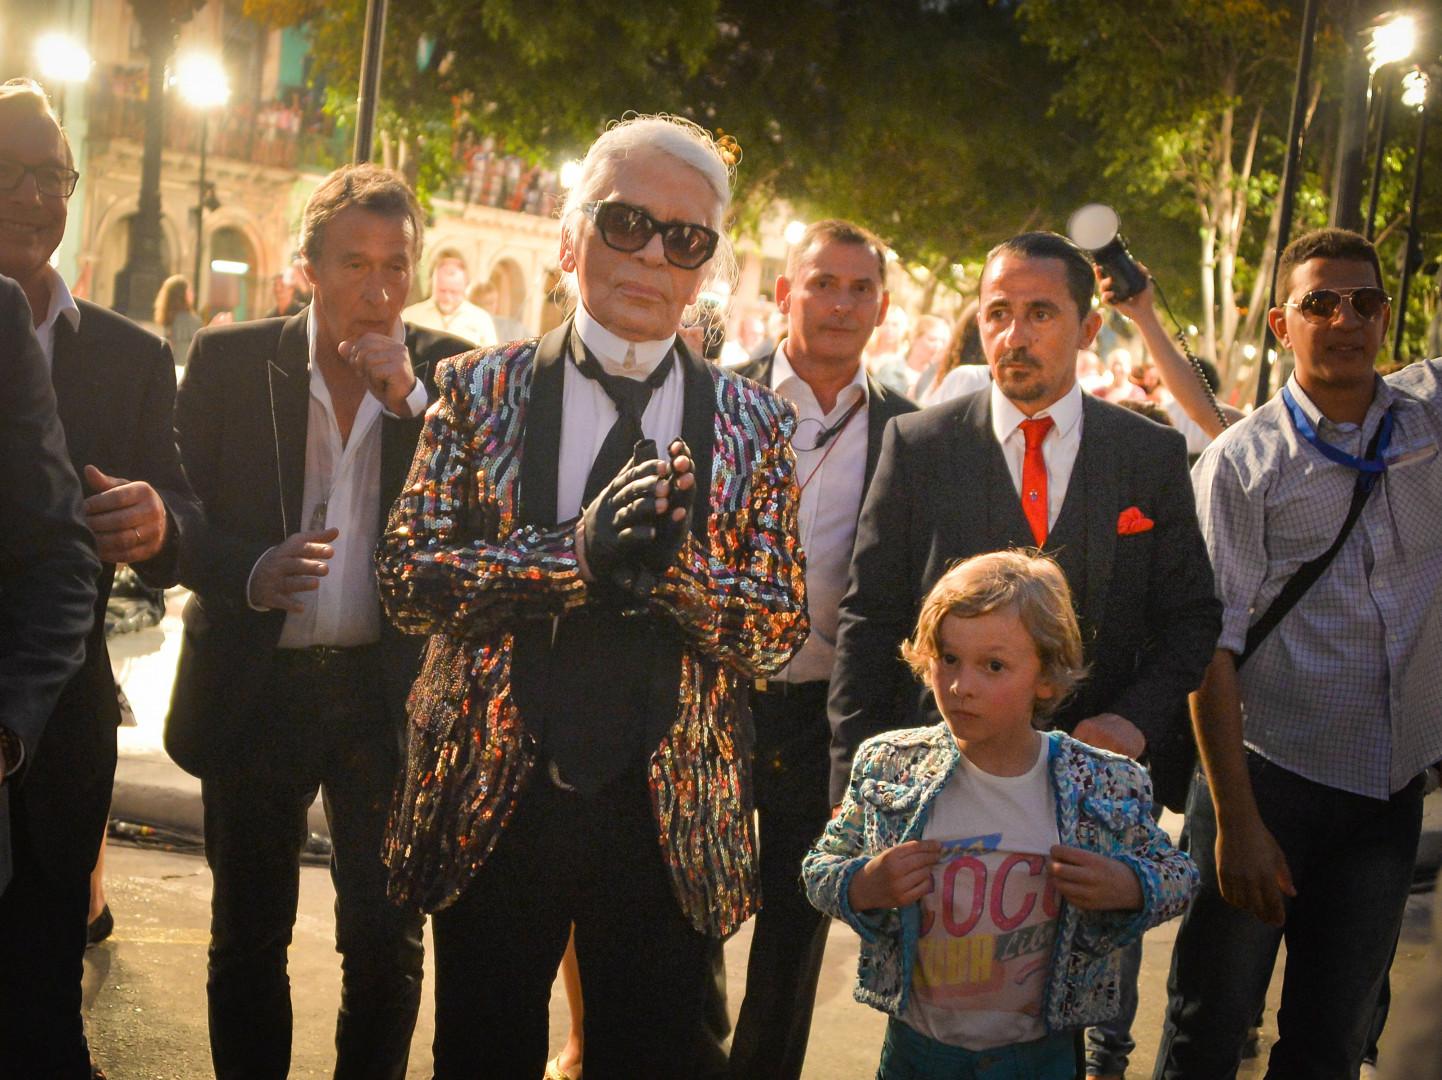 Le défilé a eu lieu sur la promenade du Prado